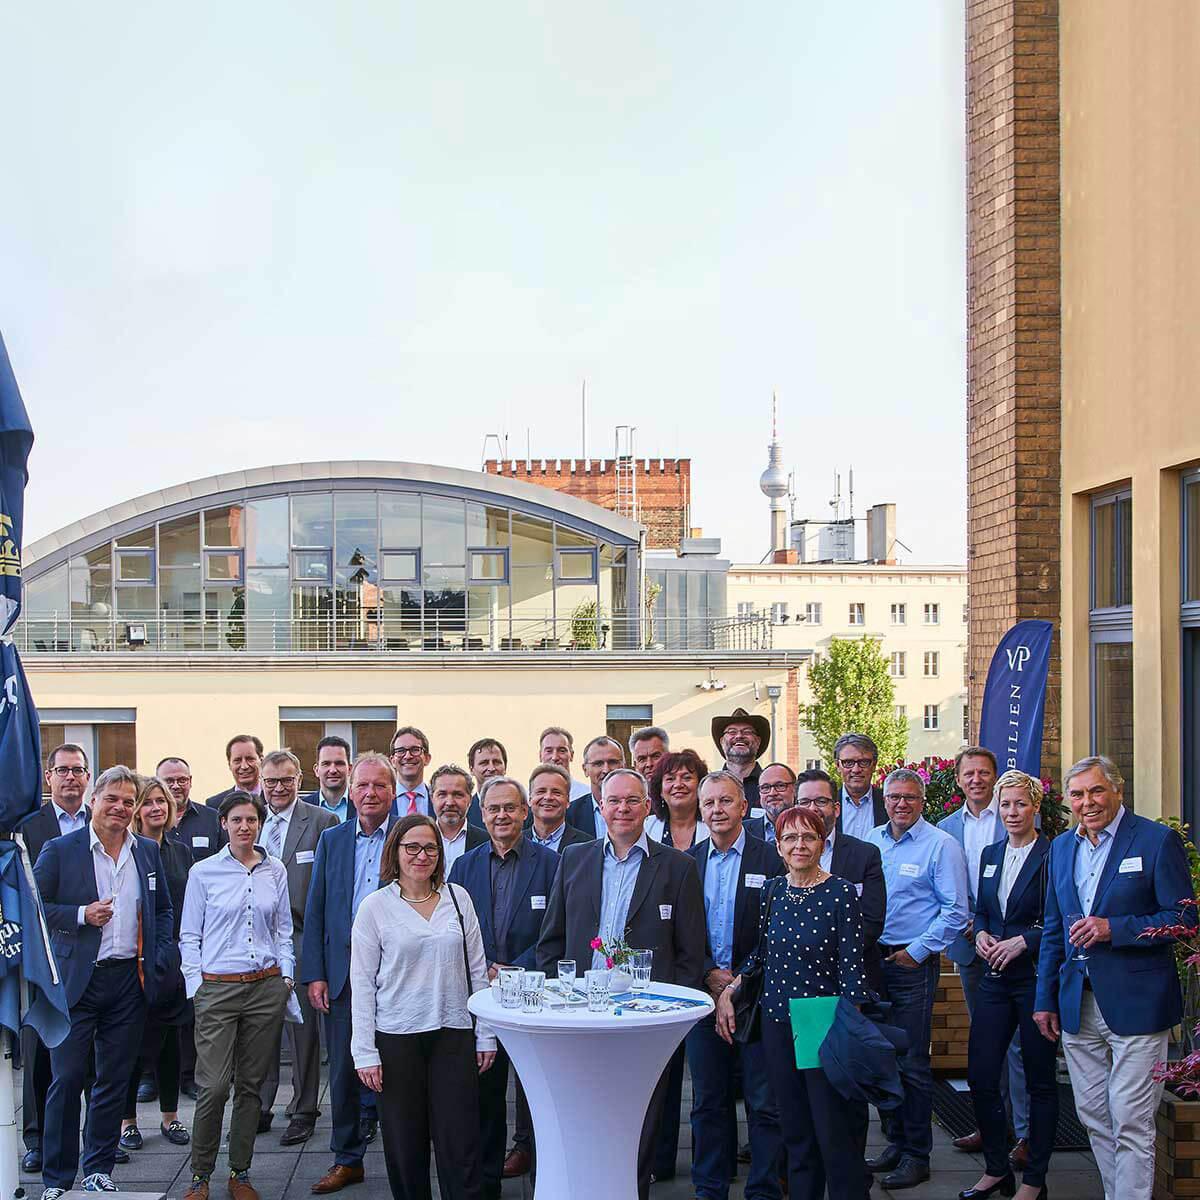 Wirtschaftskreis Pankow e.V. - Unternehmer*innen auf der Dachterrasse